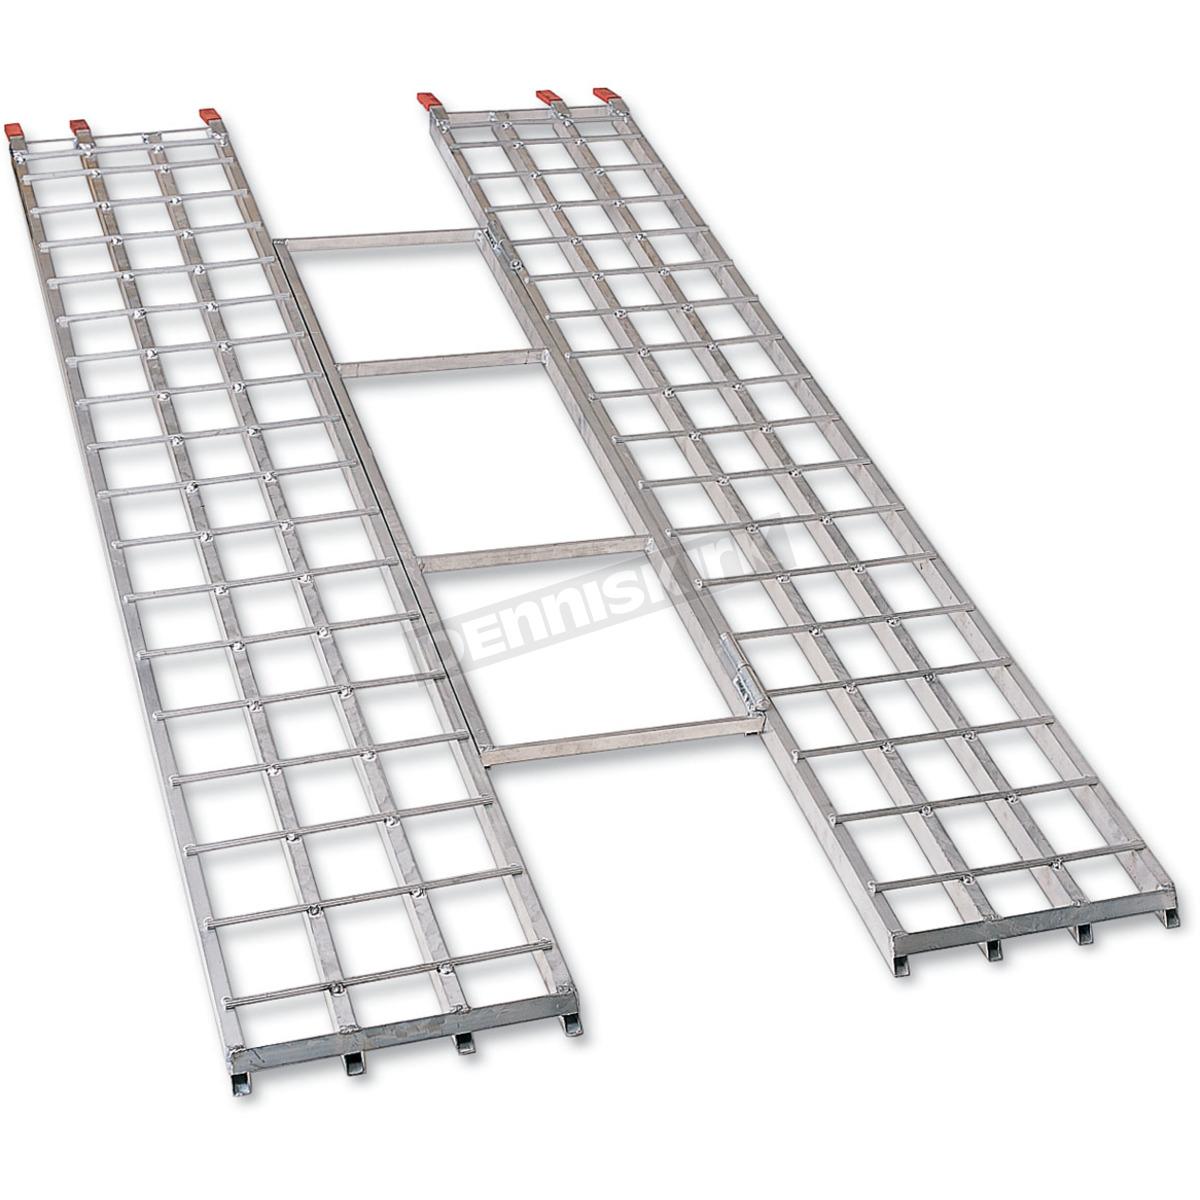 Moose Tri Fold Adjustable Aluminum Ramp